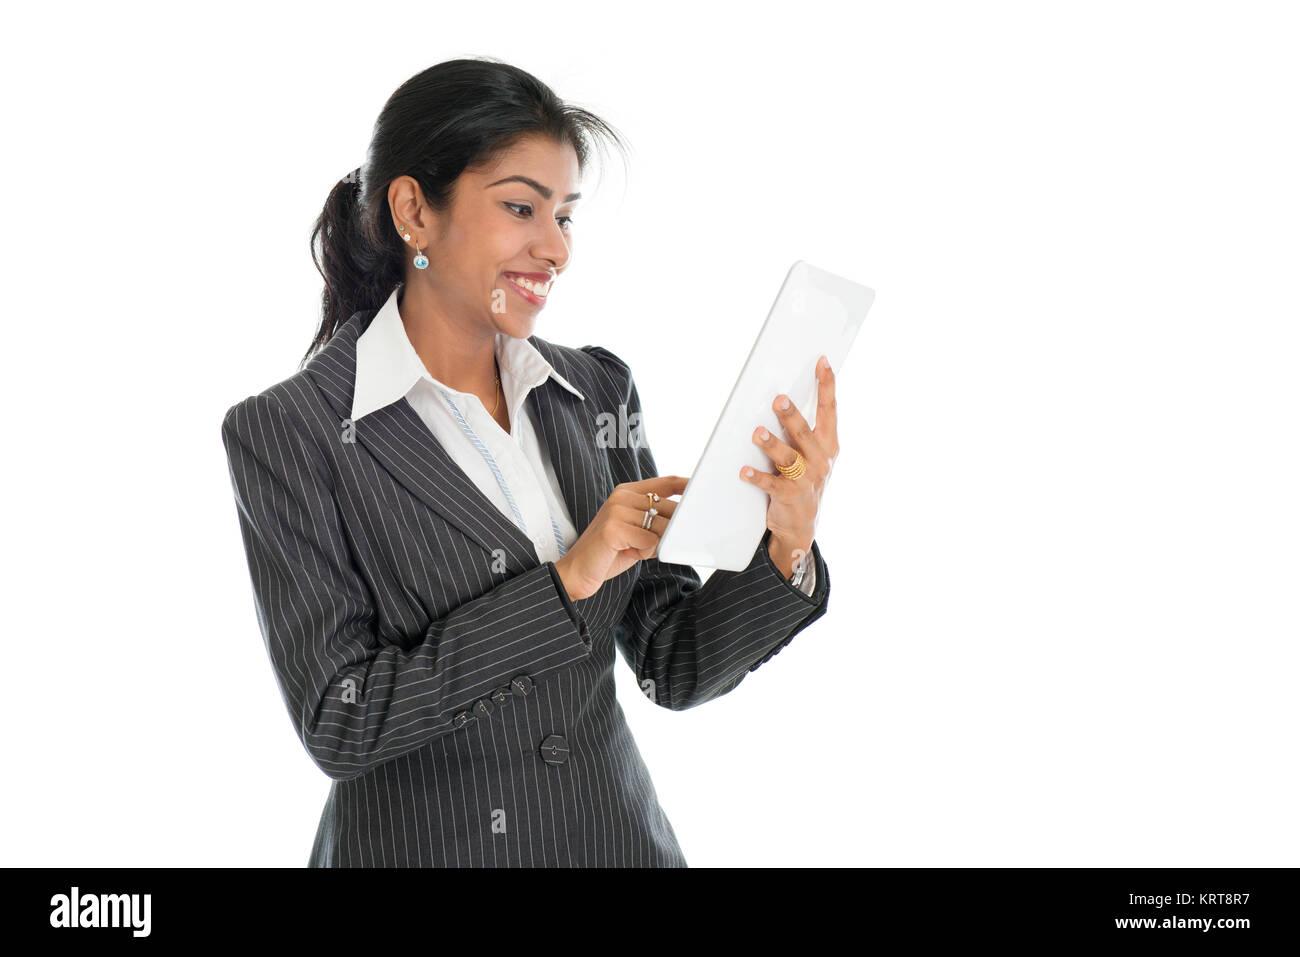 Schwarz business Frau mit Tablet-PC Stockfoto